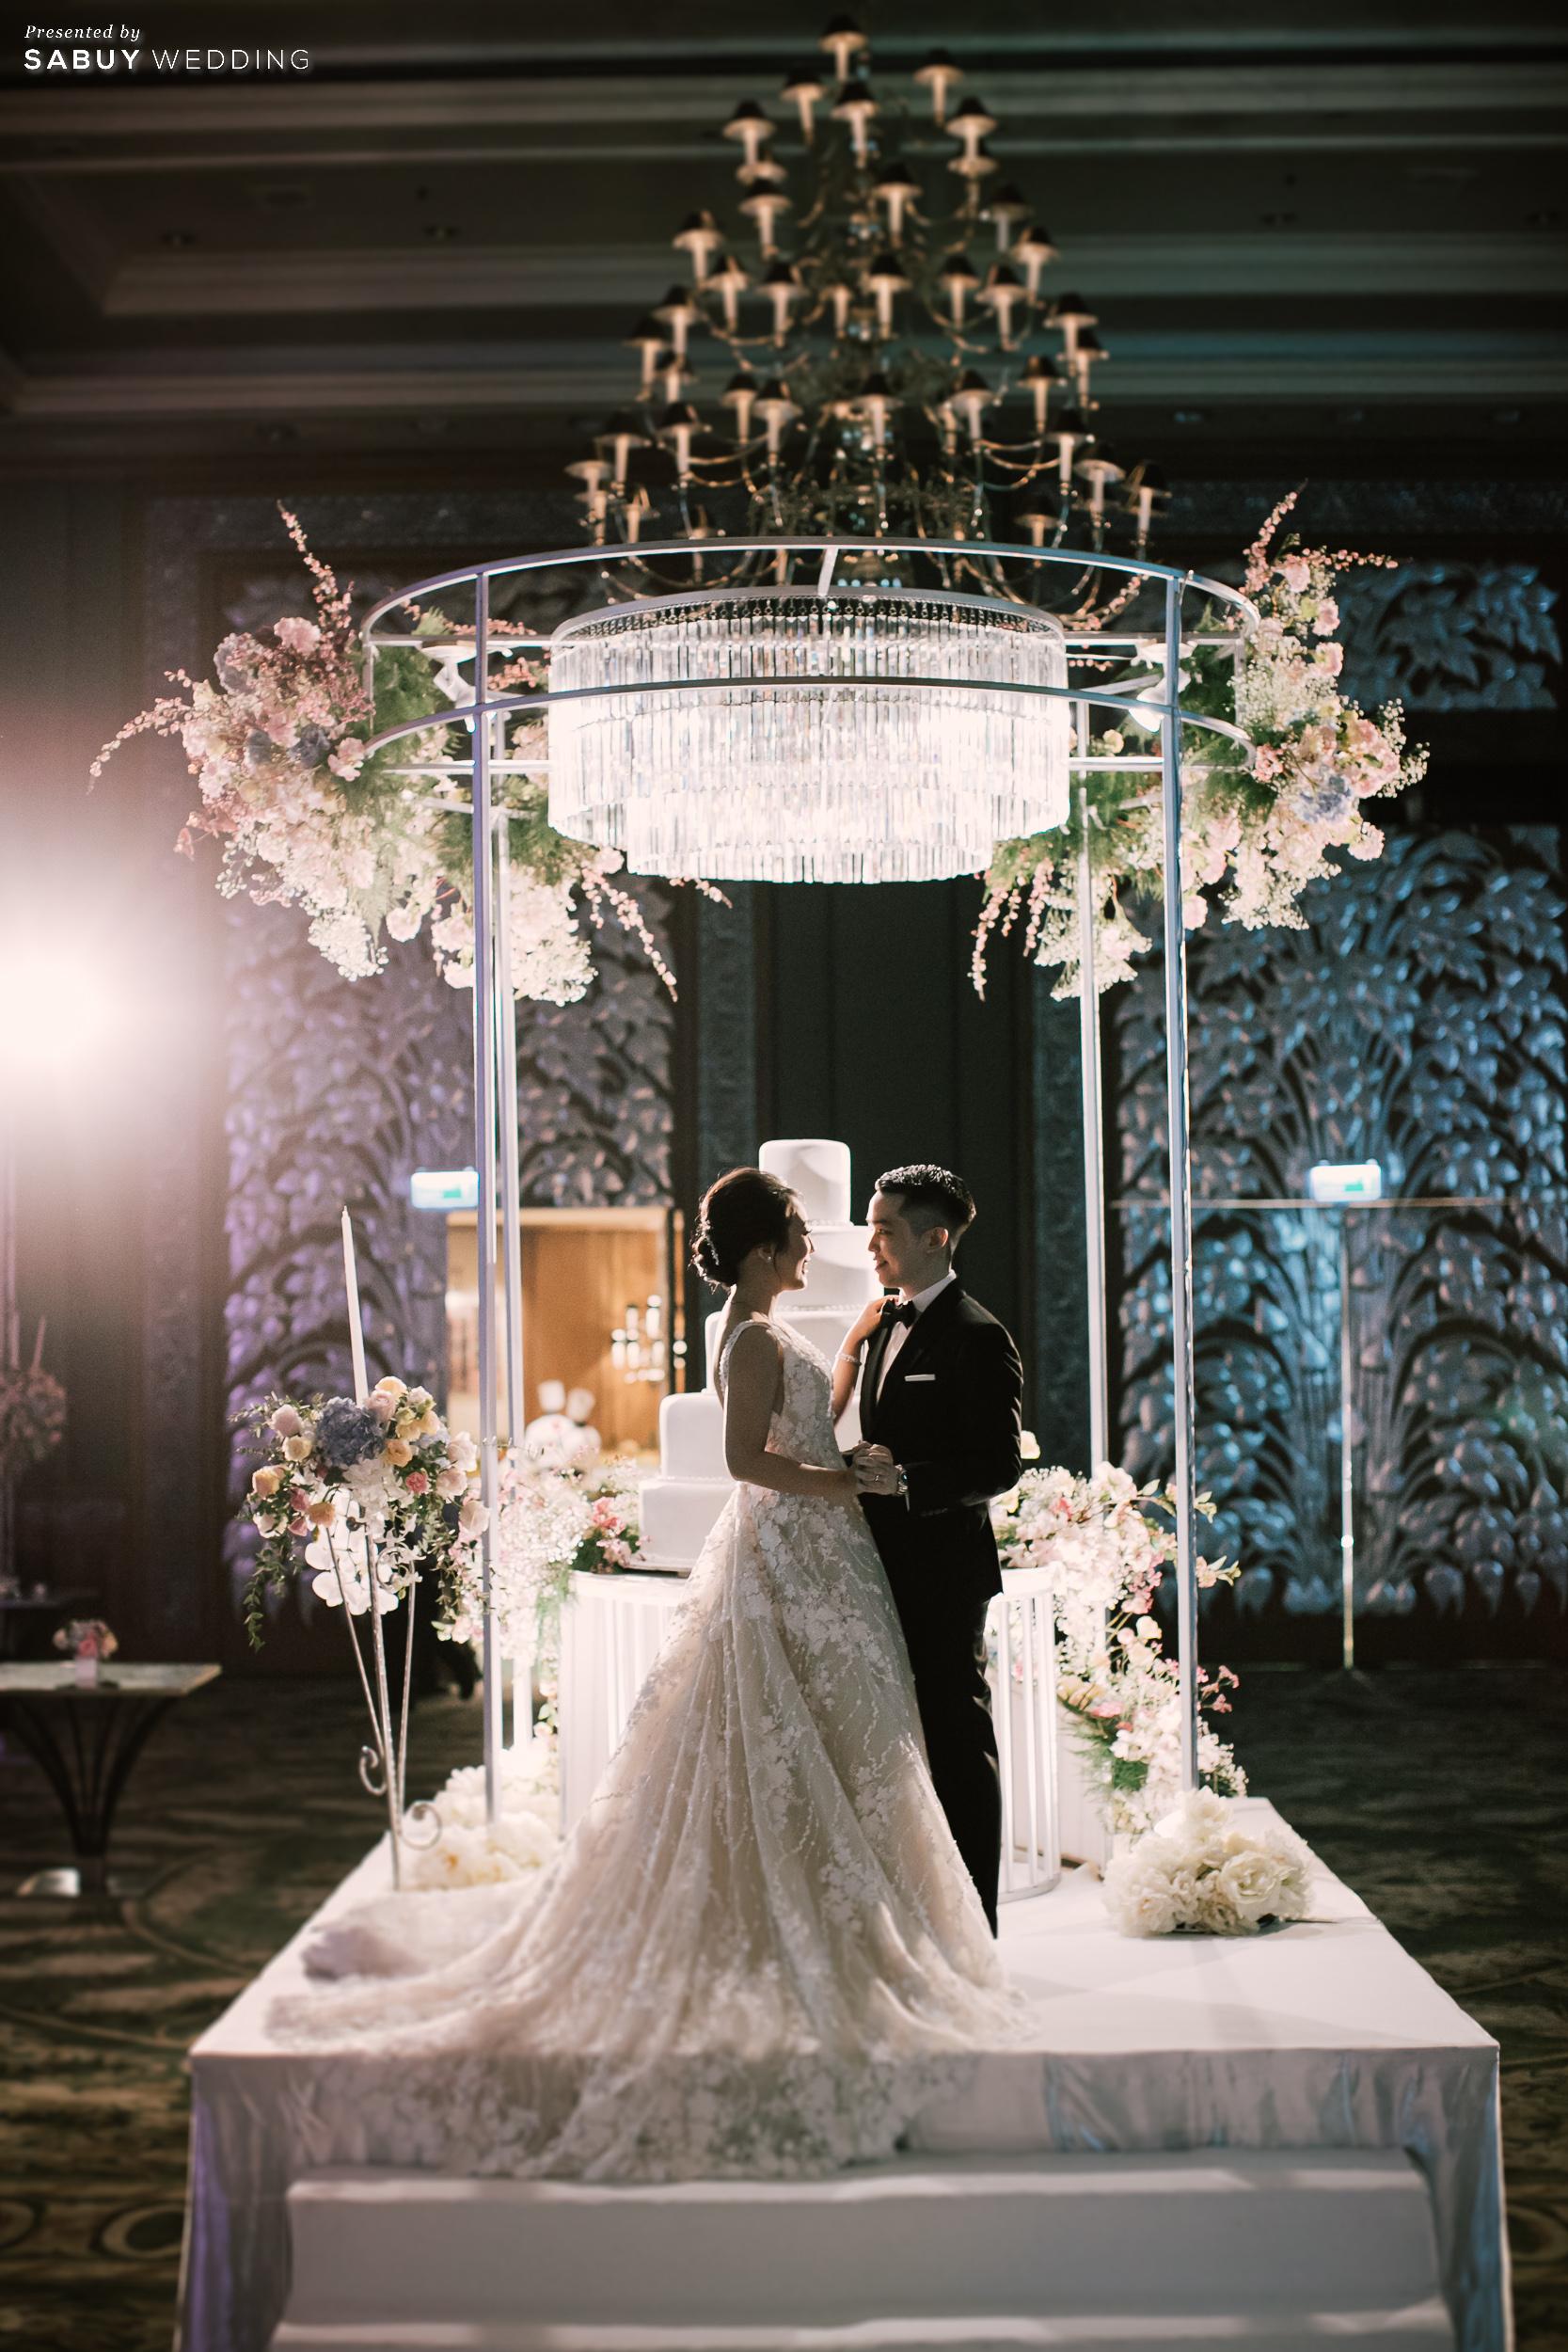 เค้กแต่งงาน รีวิวงานแต่งสุด Classy ด้วยธีมสี Slate Blue และคริสตัล @ Grand Hyatt Erawan Bangkok